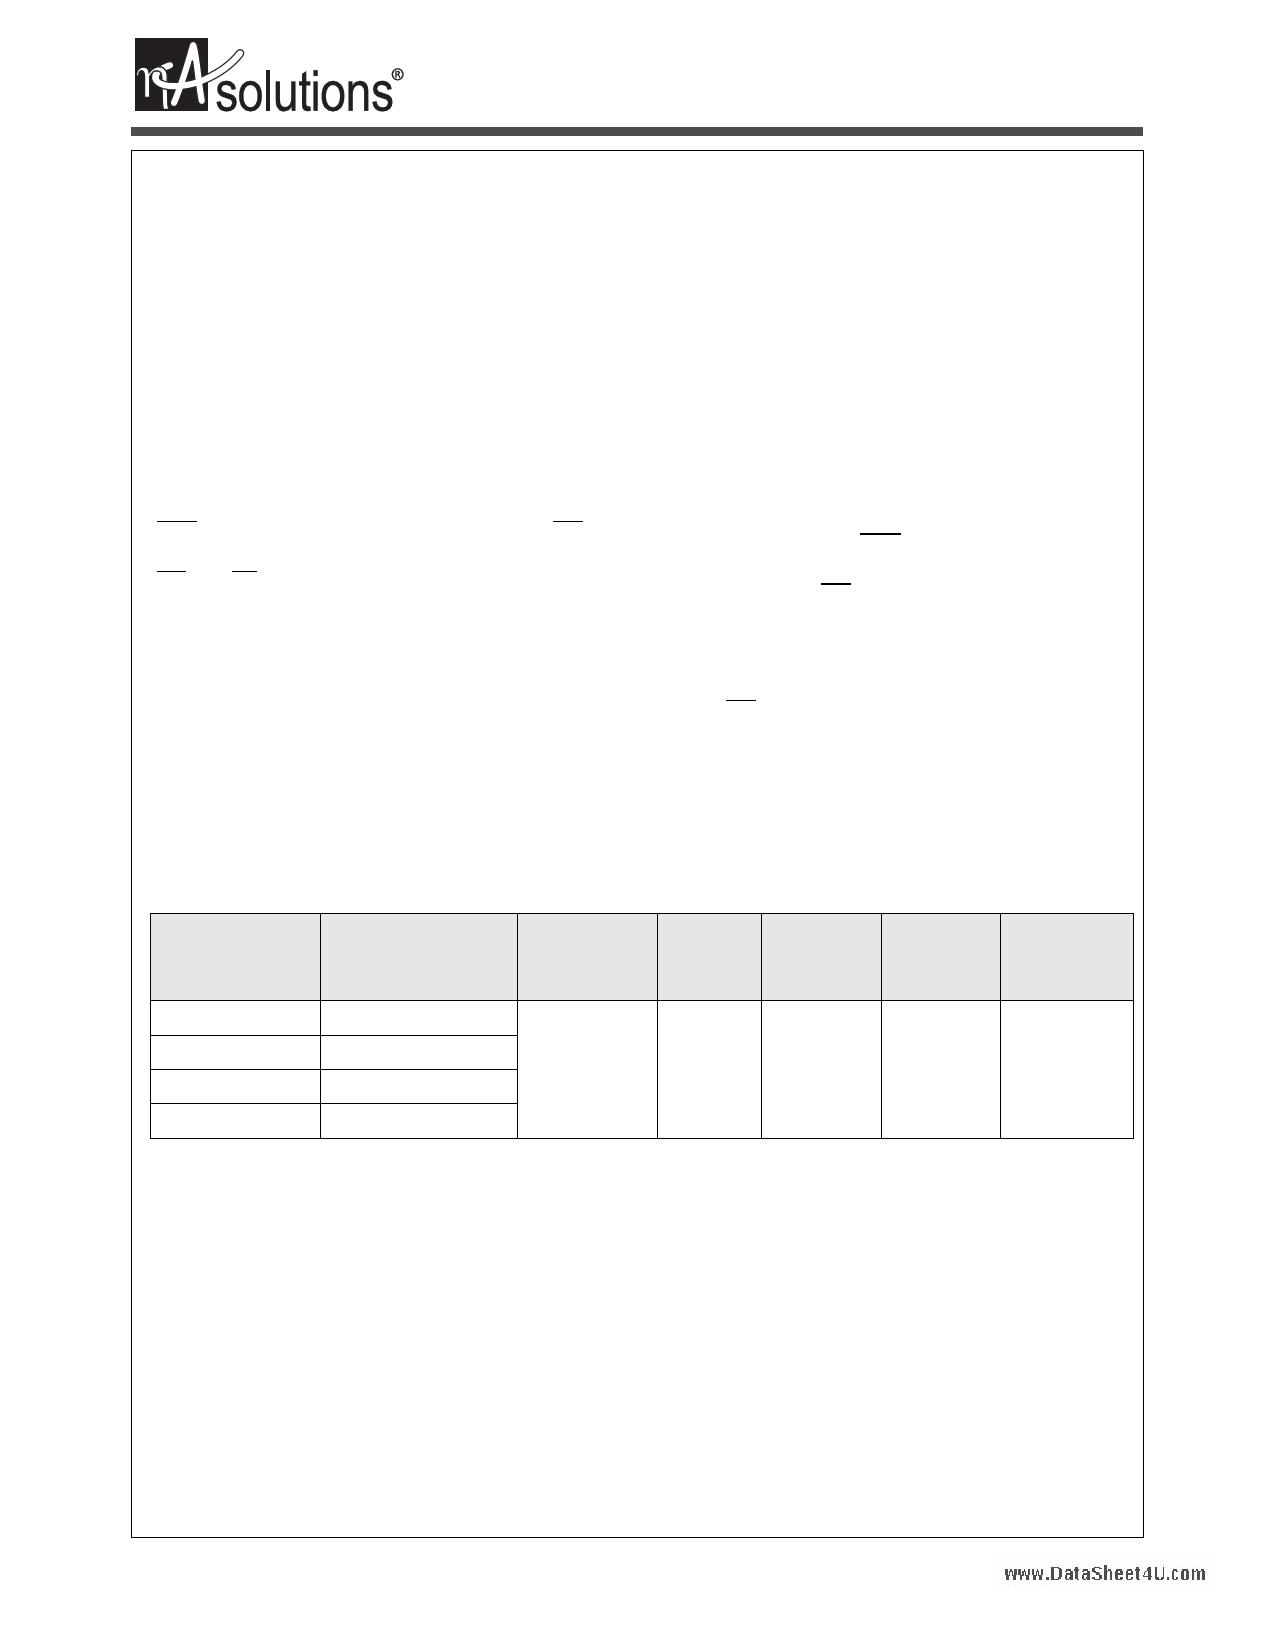 N02L163WC2A даташит PDF